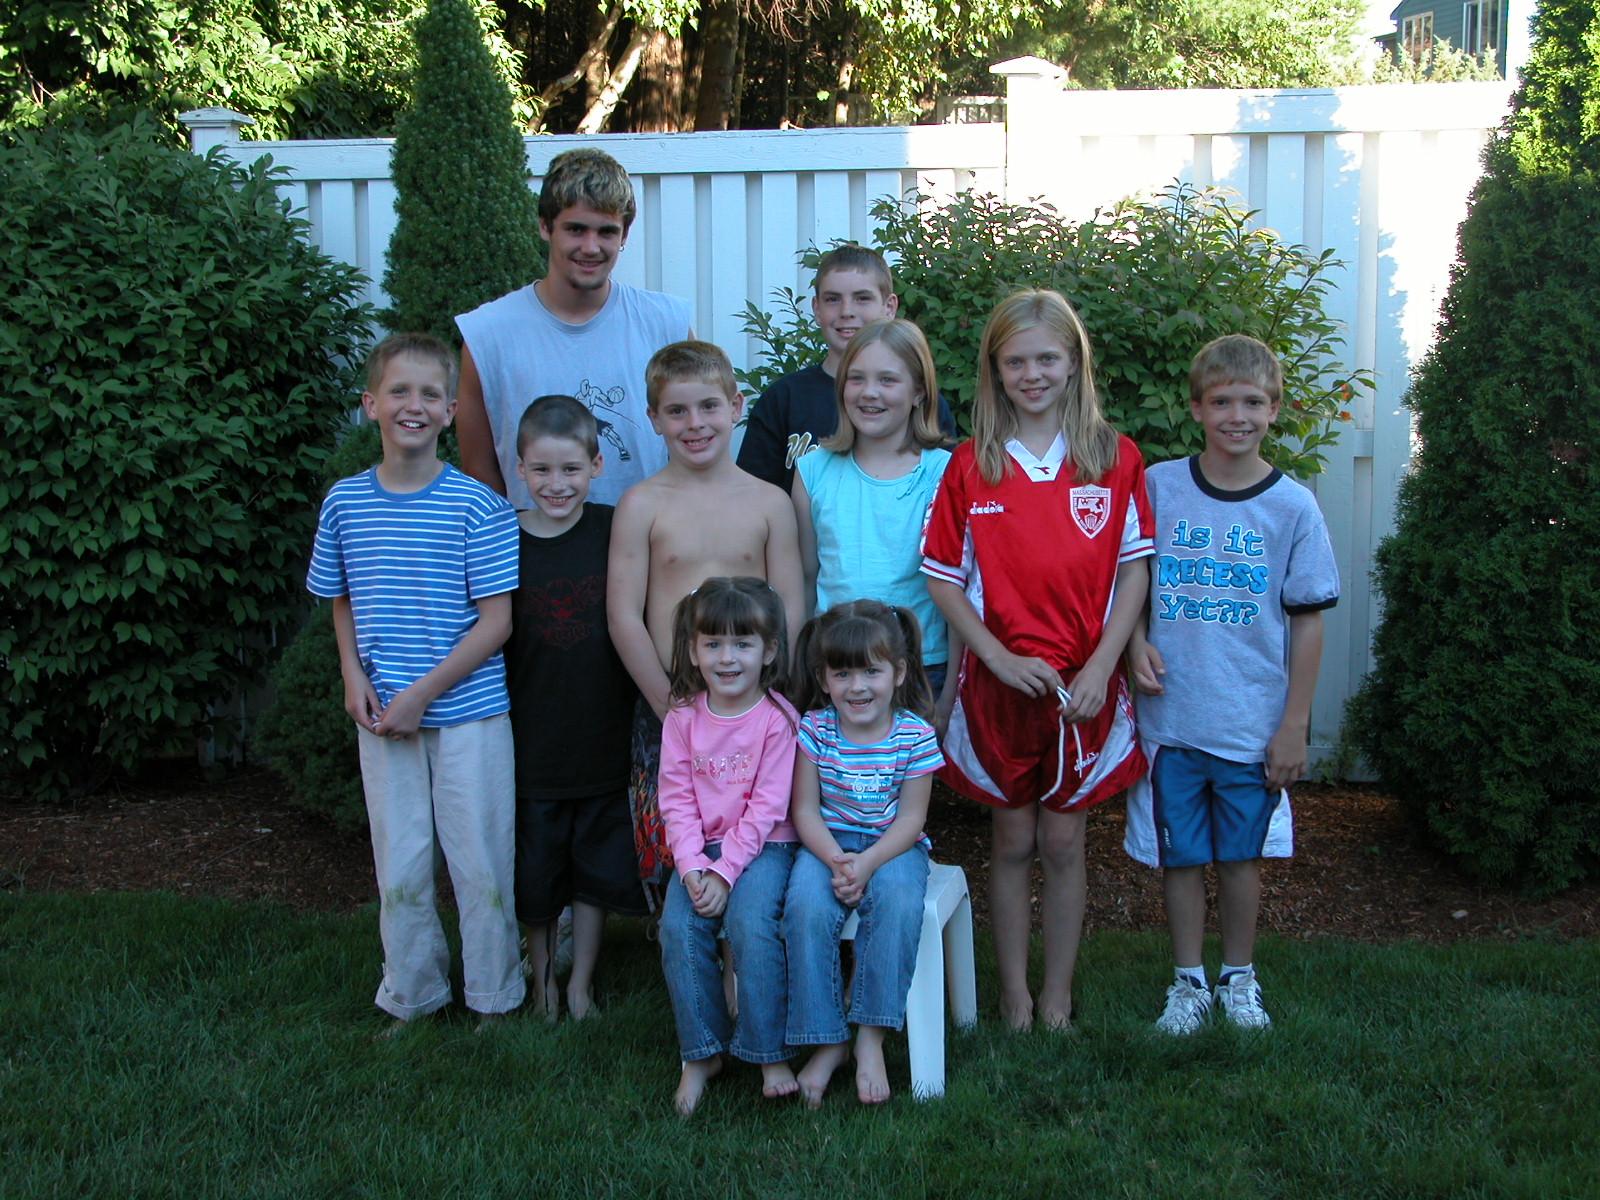 All 10 cousins